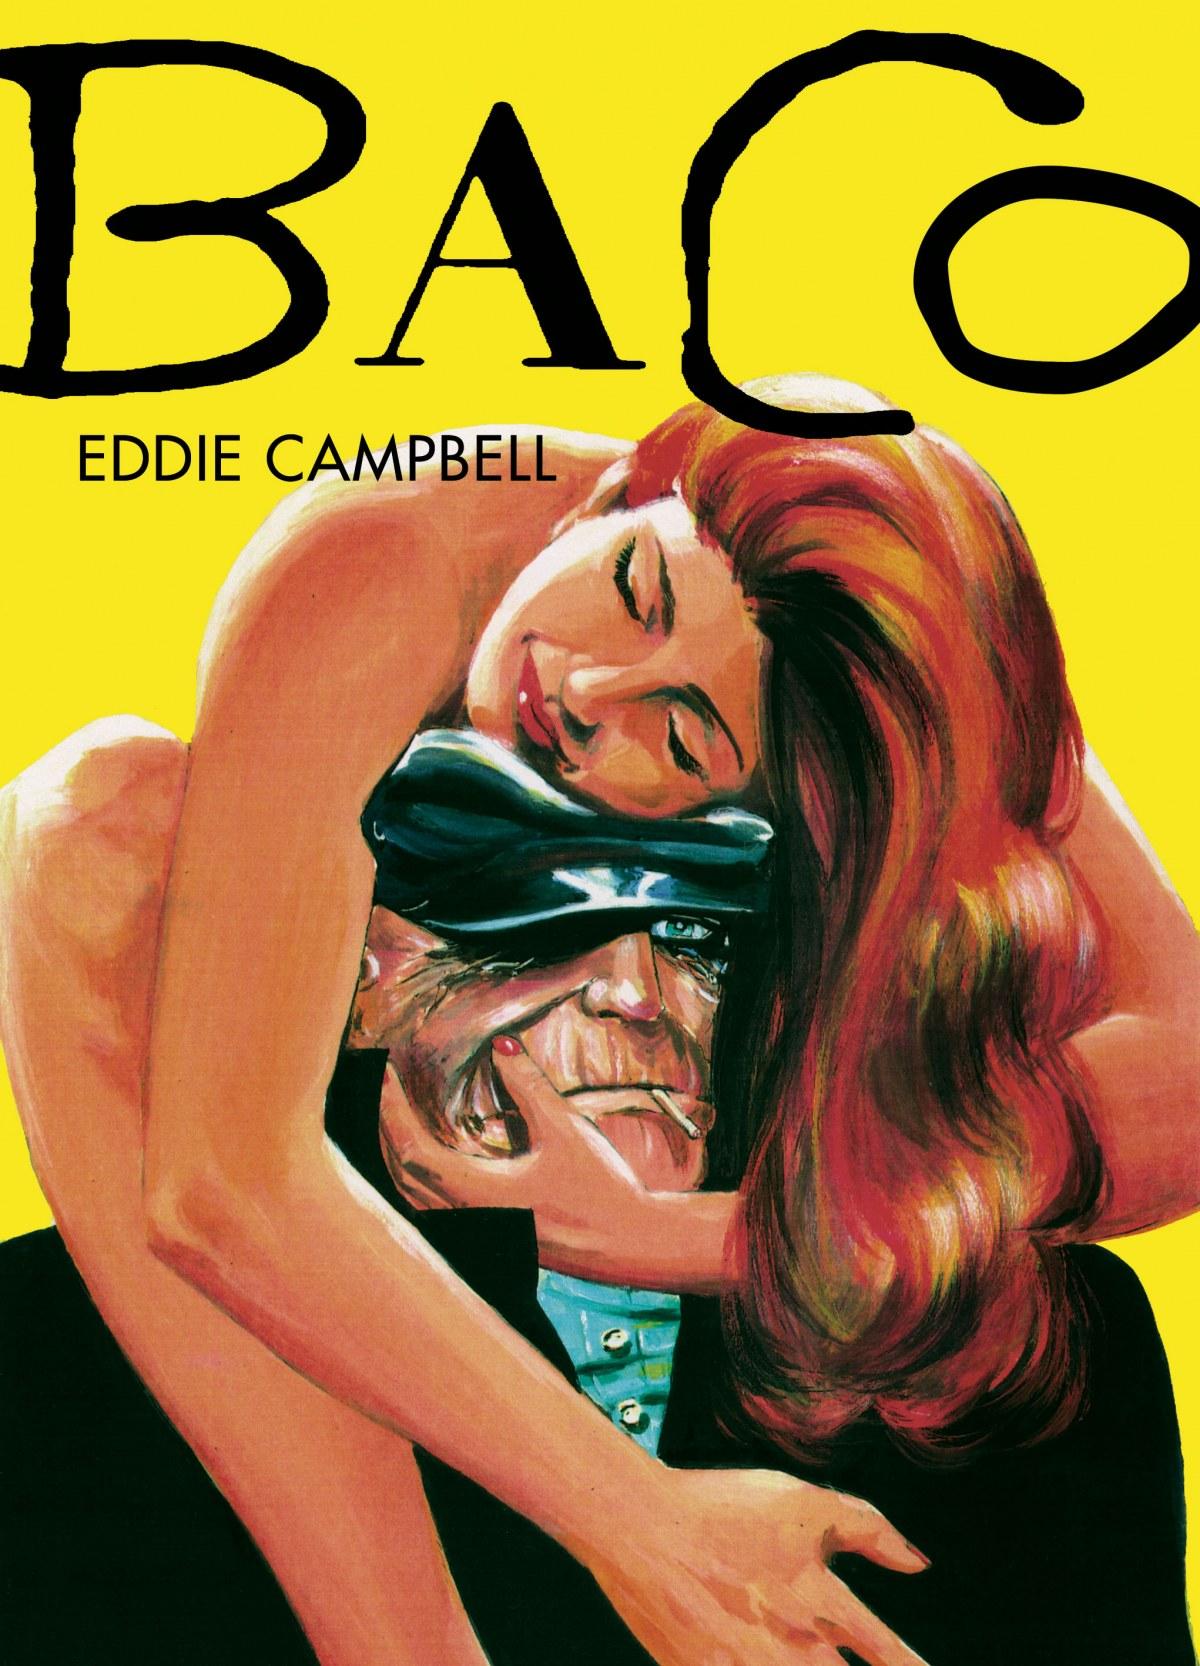 Baco, 1